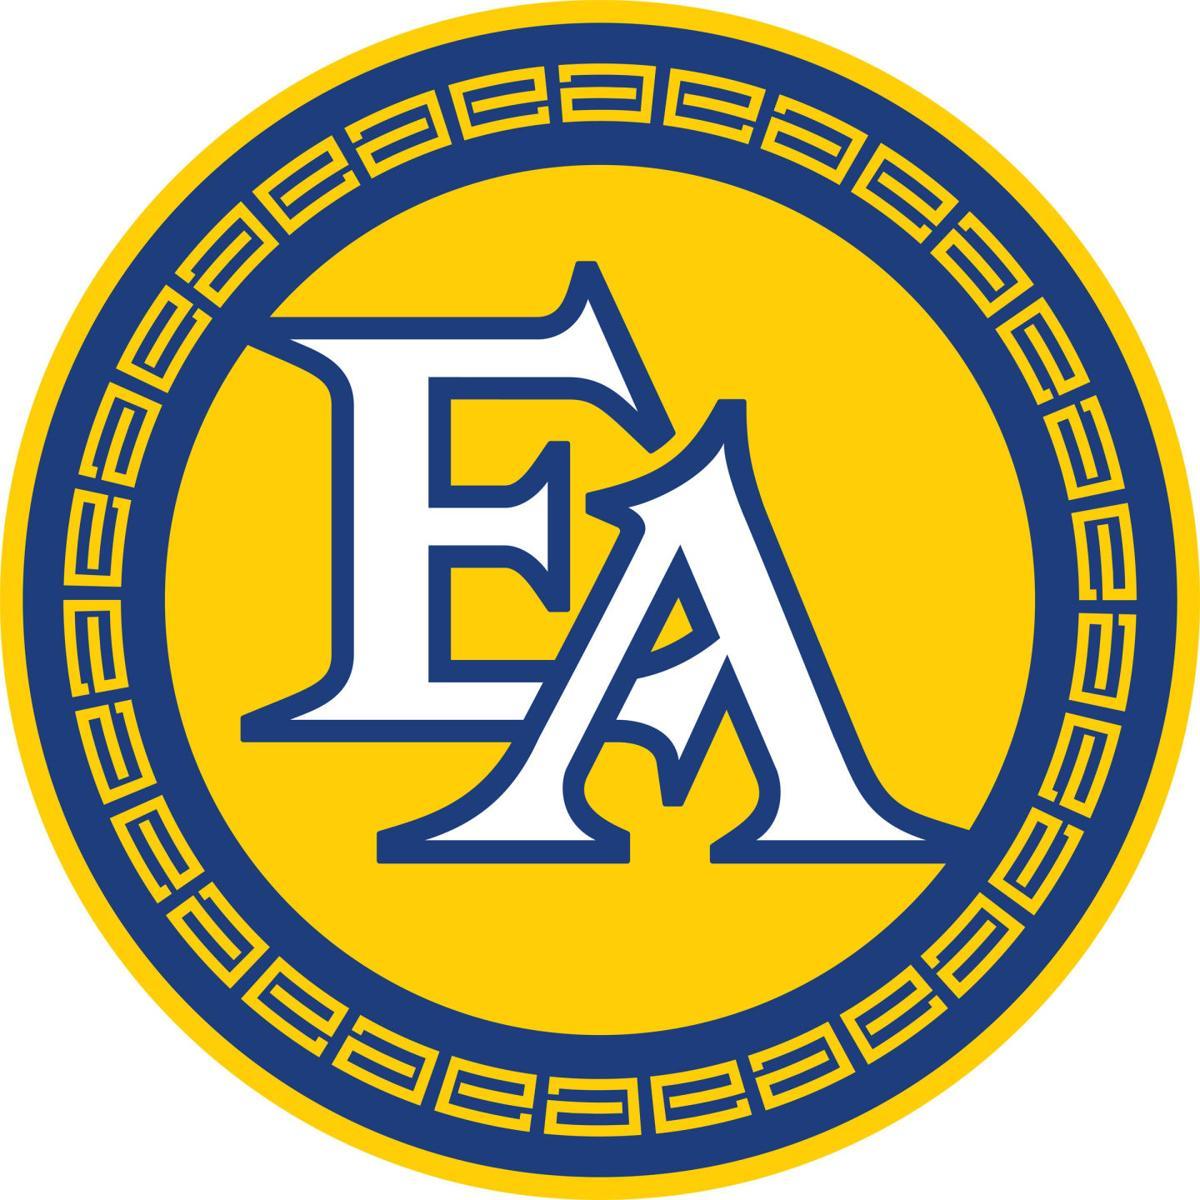 EAHS logo yellow round.jpg